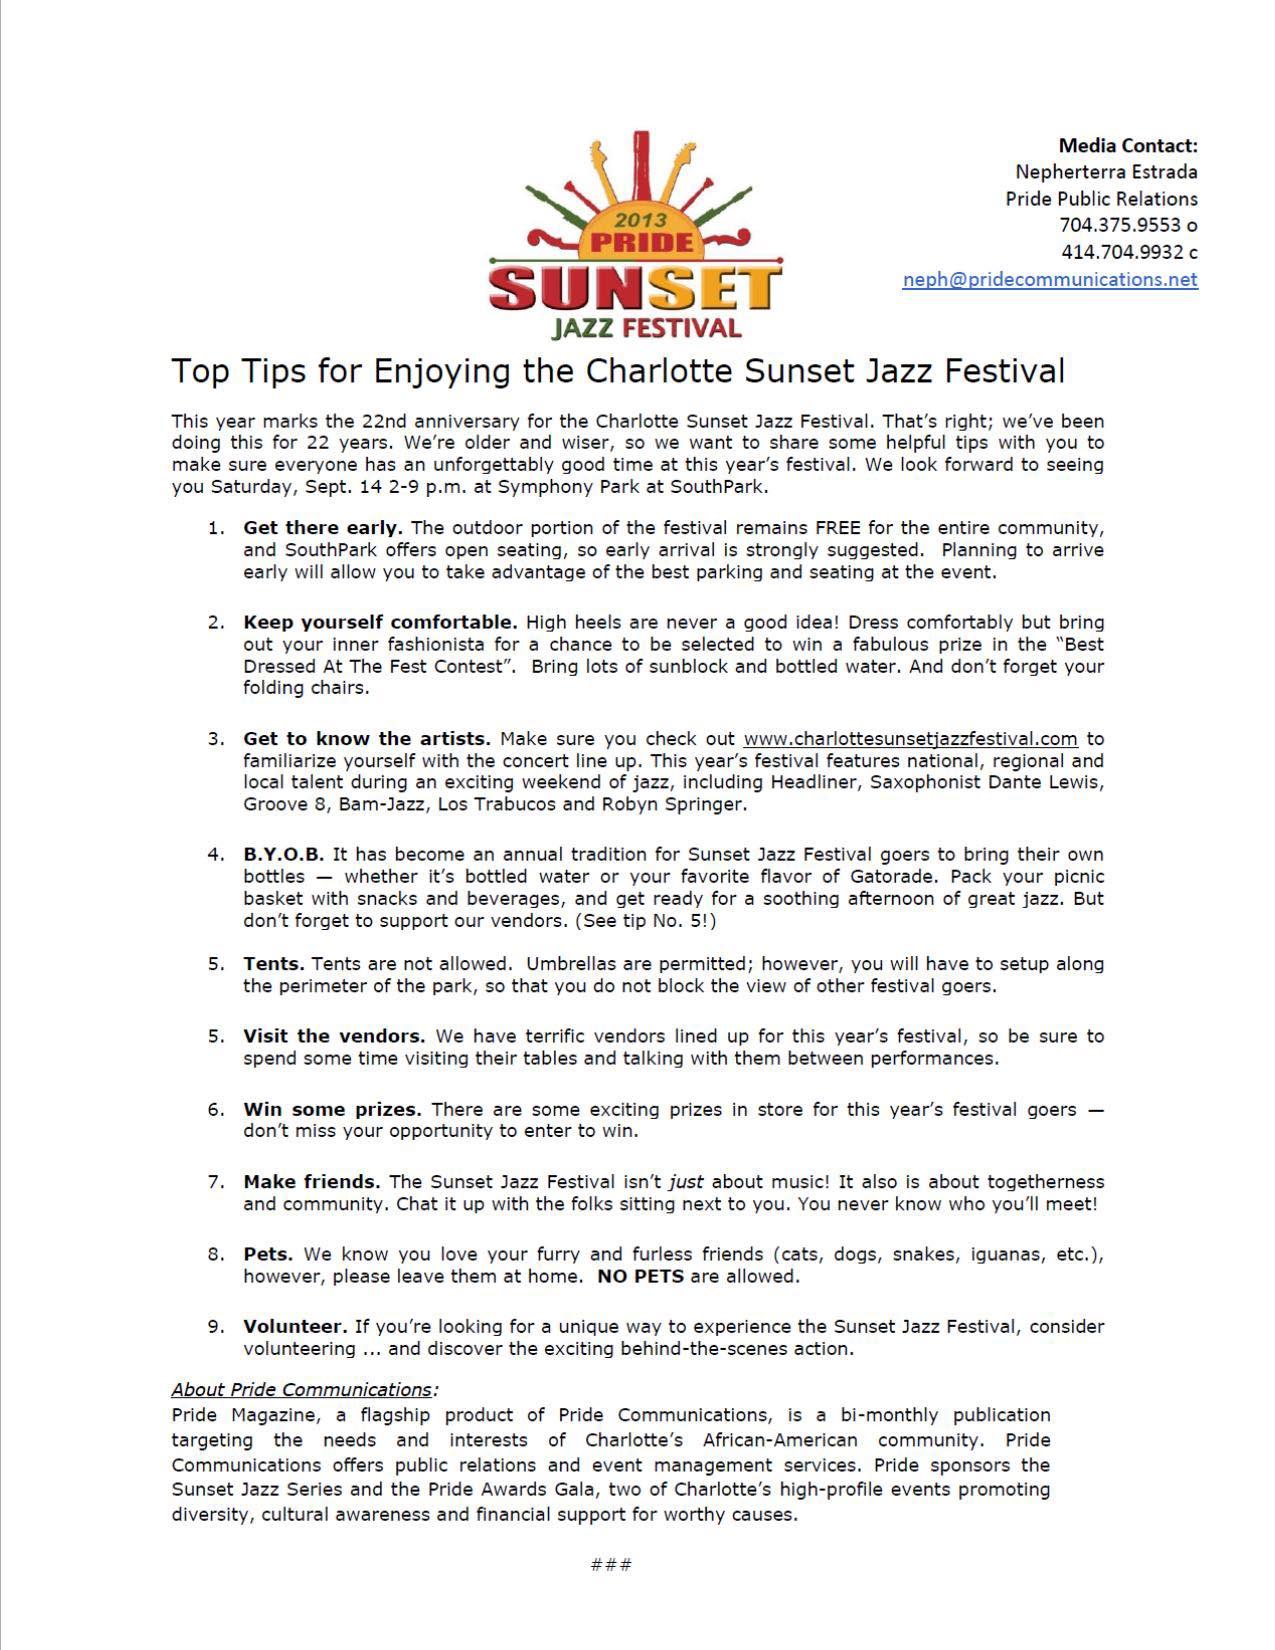 Tips for Sunset Jazz Festival